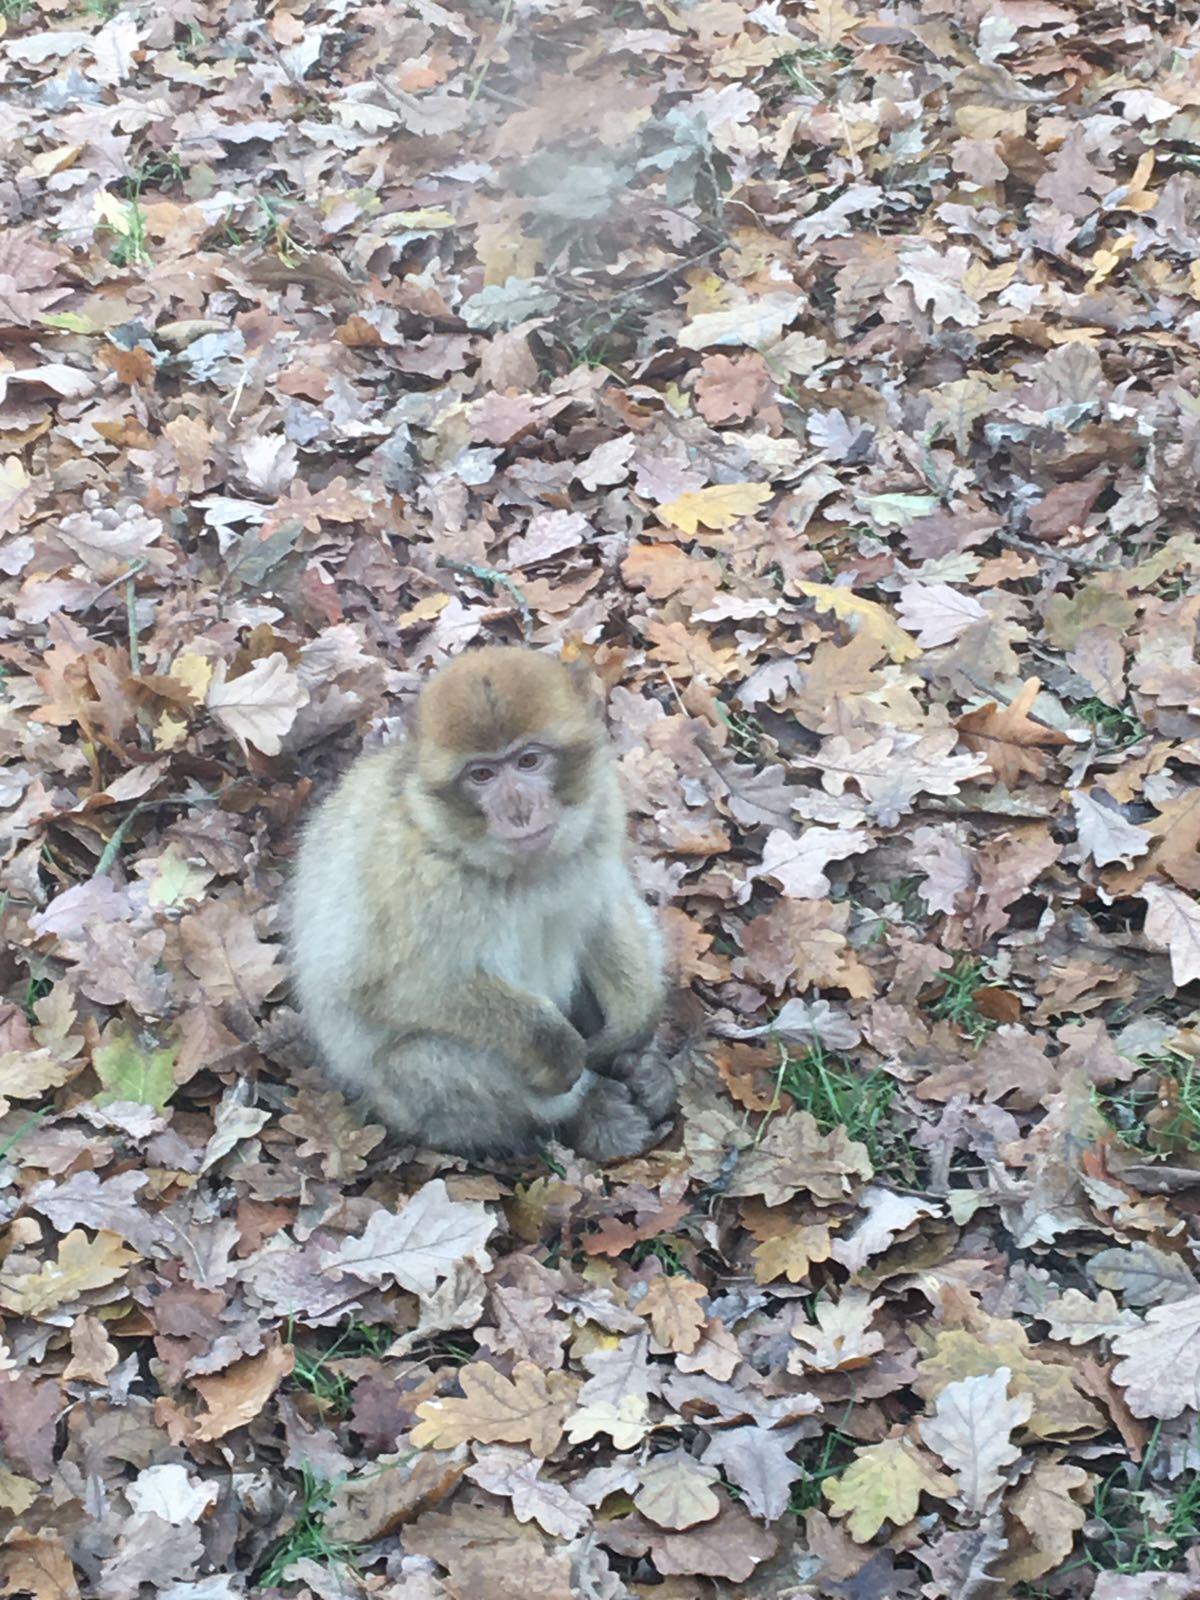 Monkey amongst fallen leaves